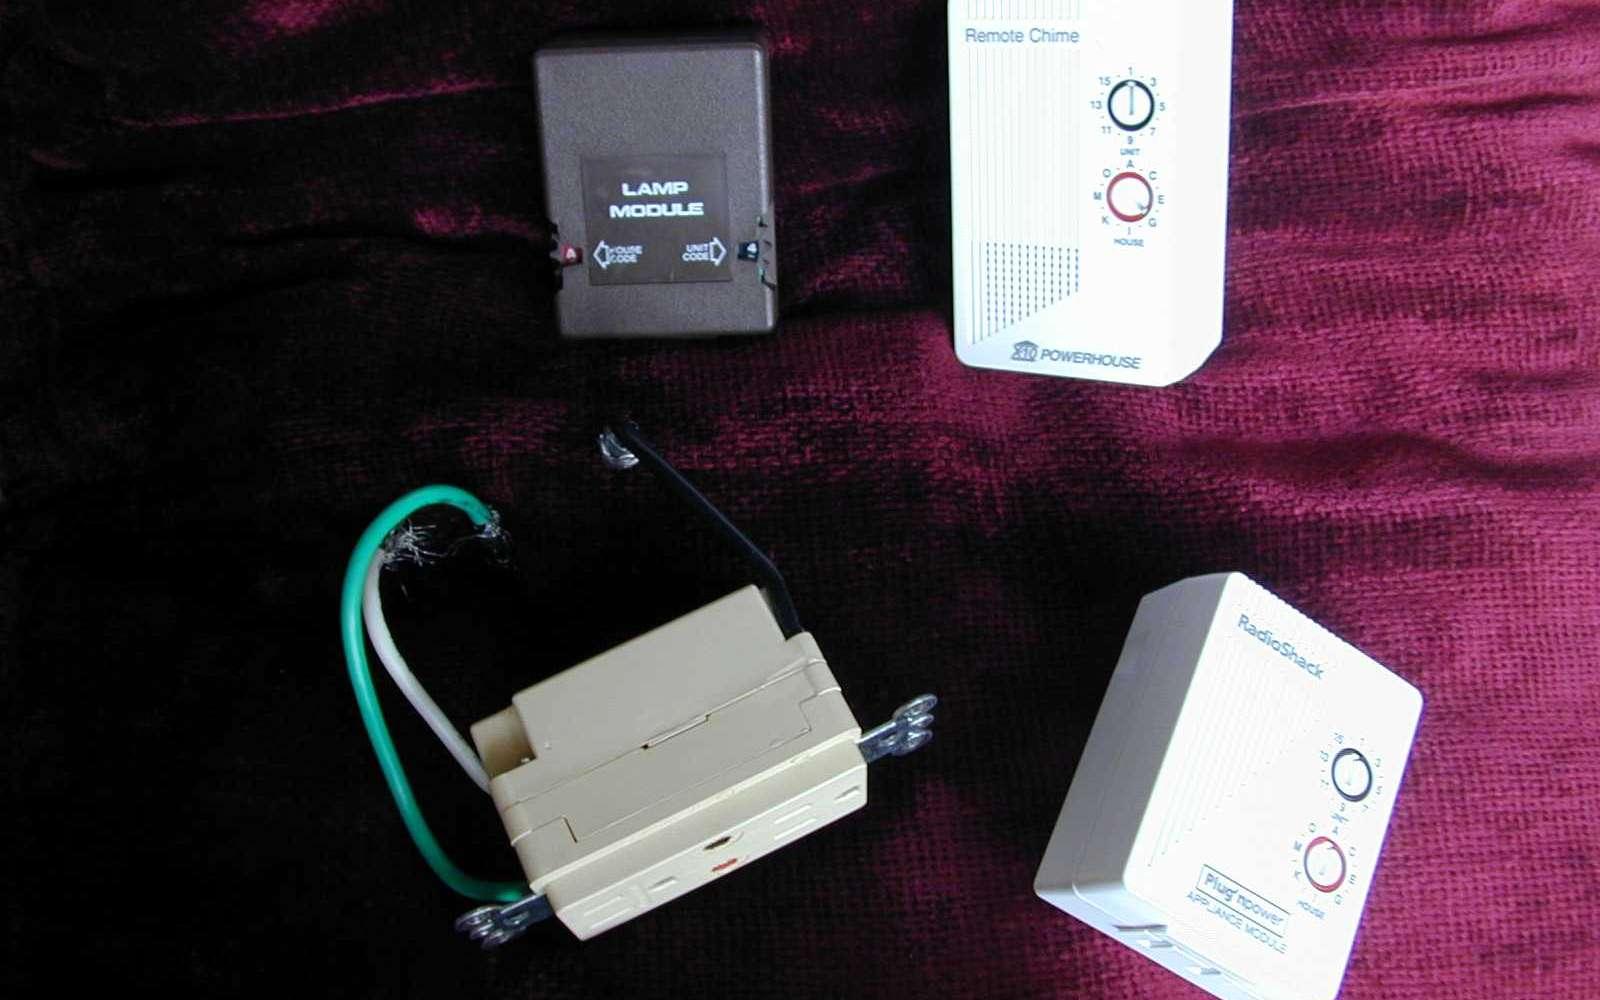 Le X10 est un système de contrôle à distance des appareils électriques. © Atlant, CC BY 2.5, Wikimedia Commons